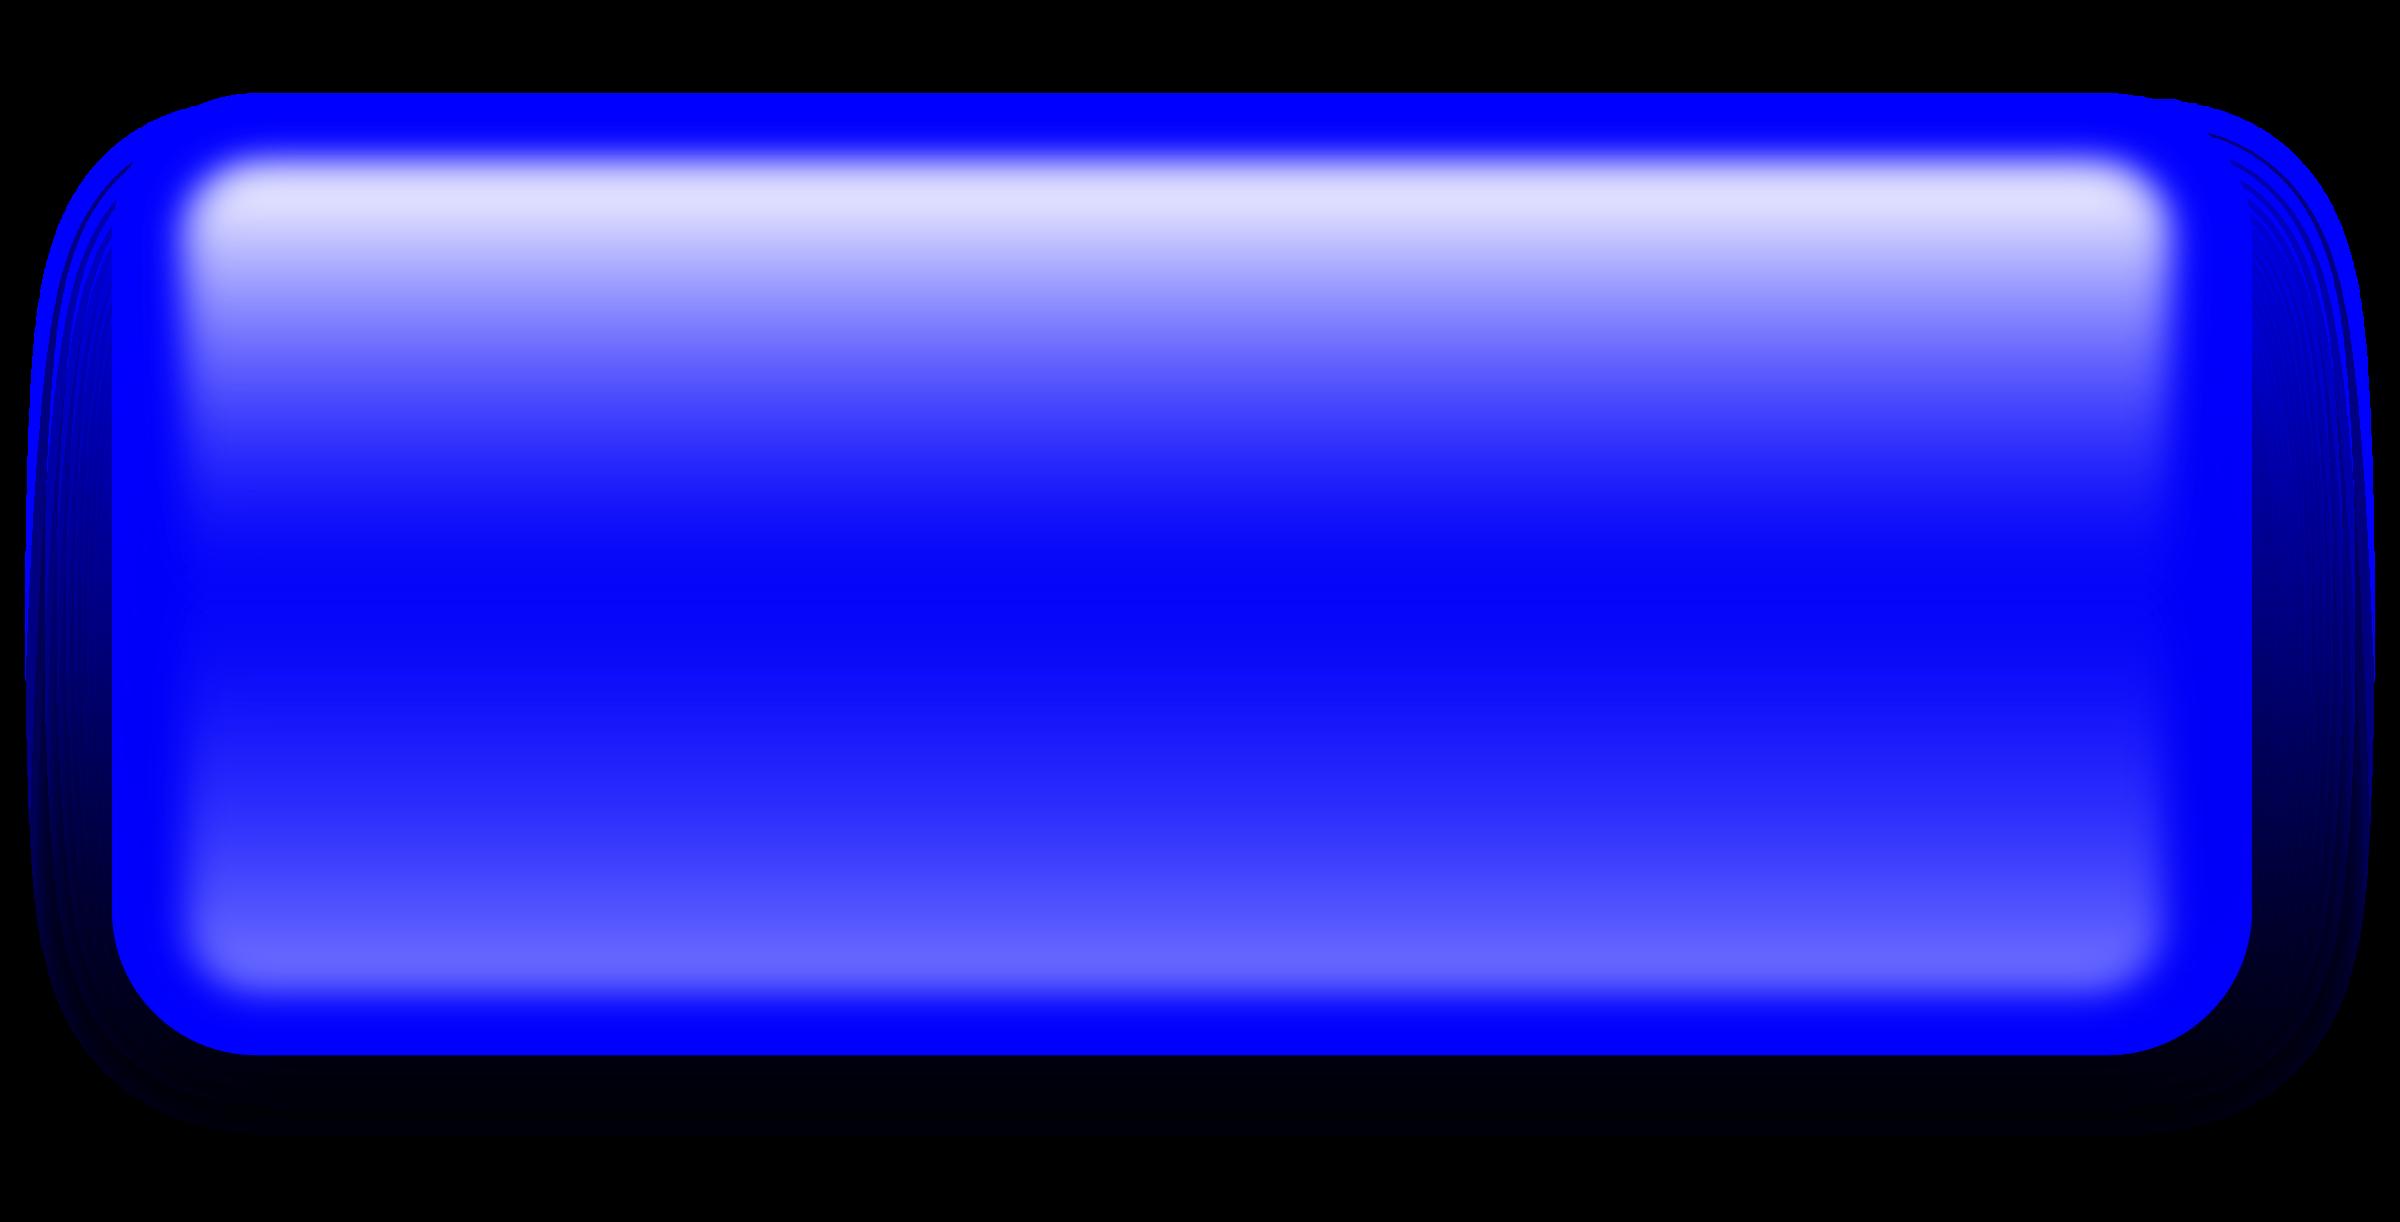 3d Rectangle Clipart - Clipart Suggest